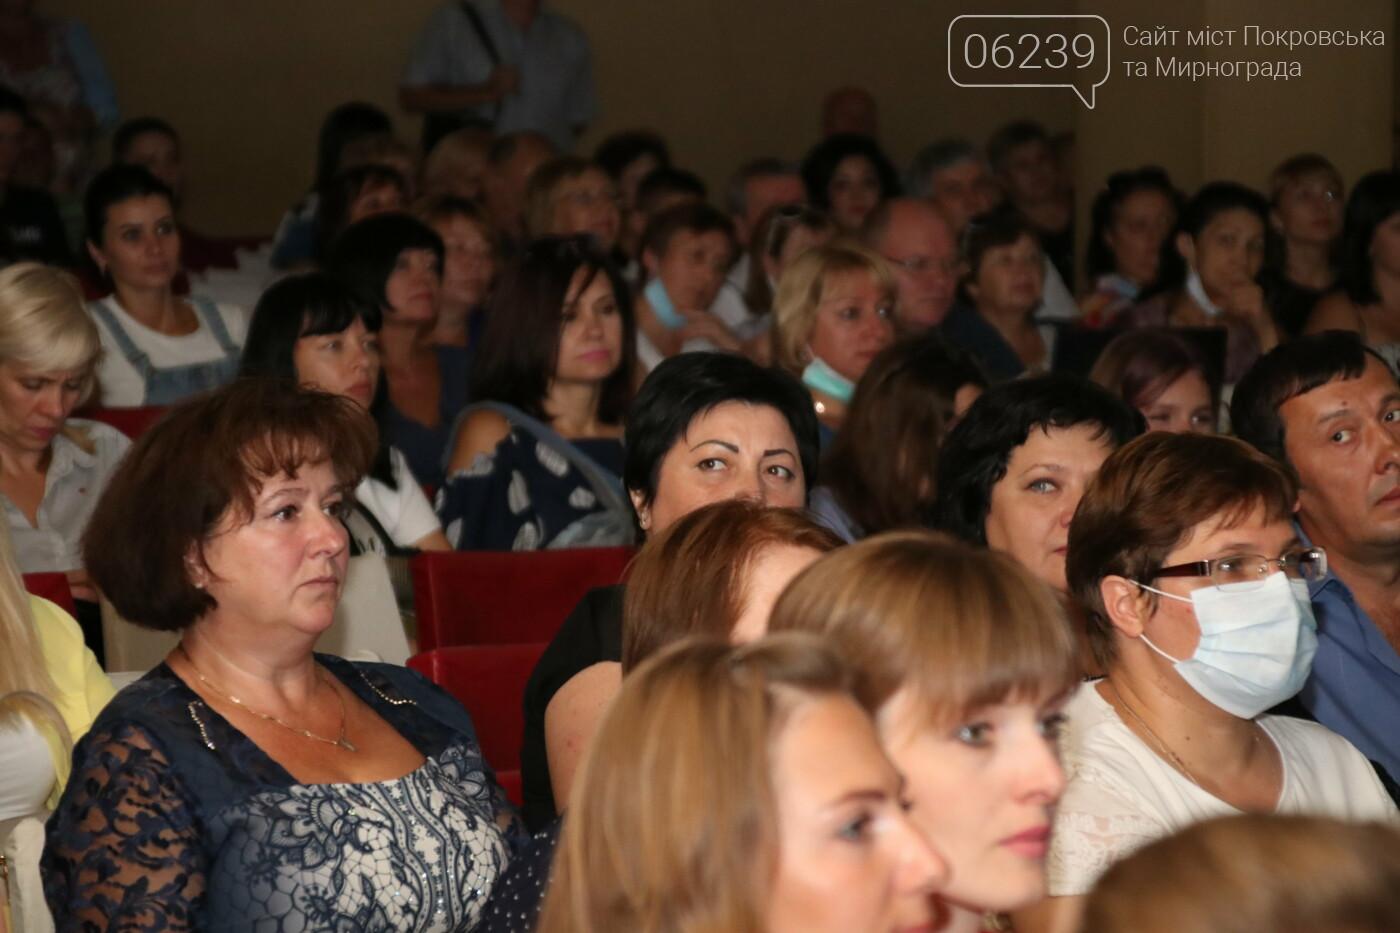 Жителей Мирнограда поздравили с Днем шахтера и Днем города, фото-6